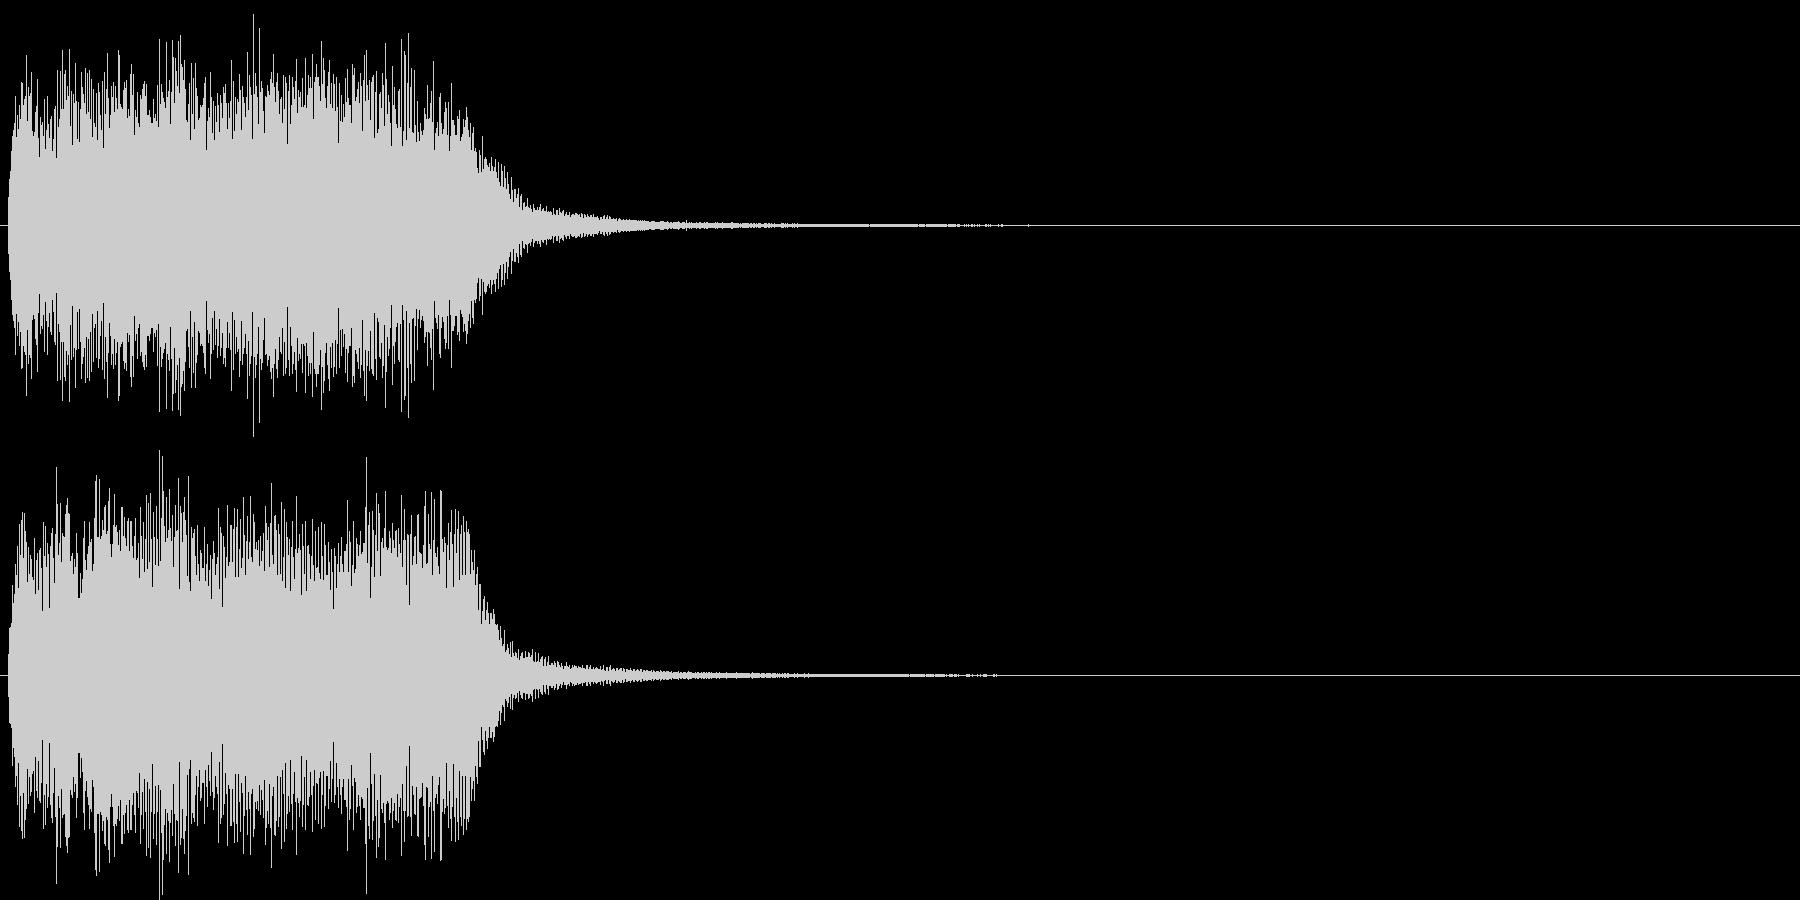 汎用21 ジャジャーン(豪華な打楽器付)の未再生の波形